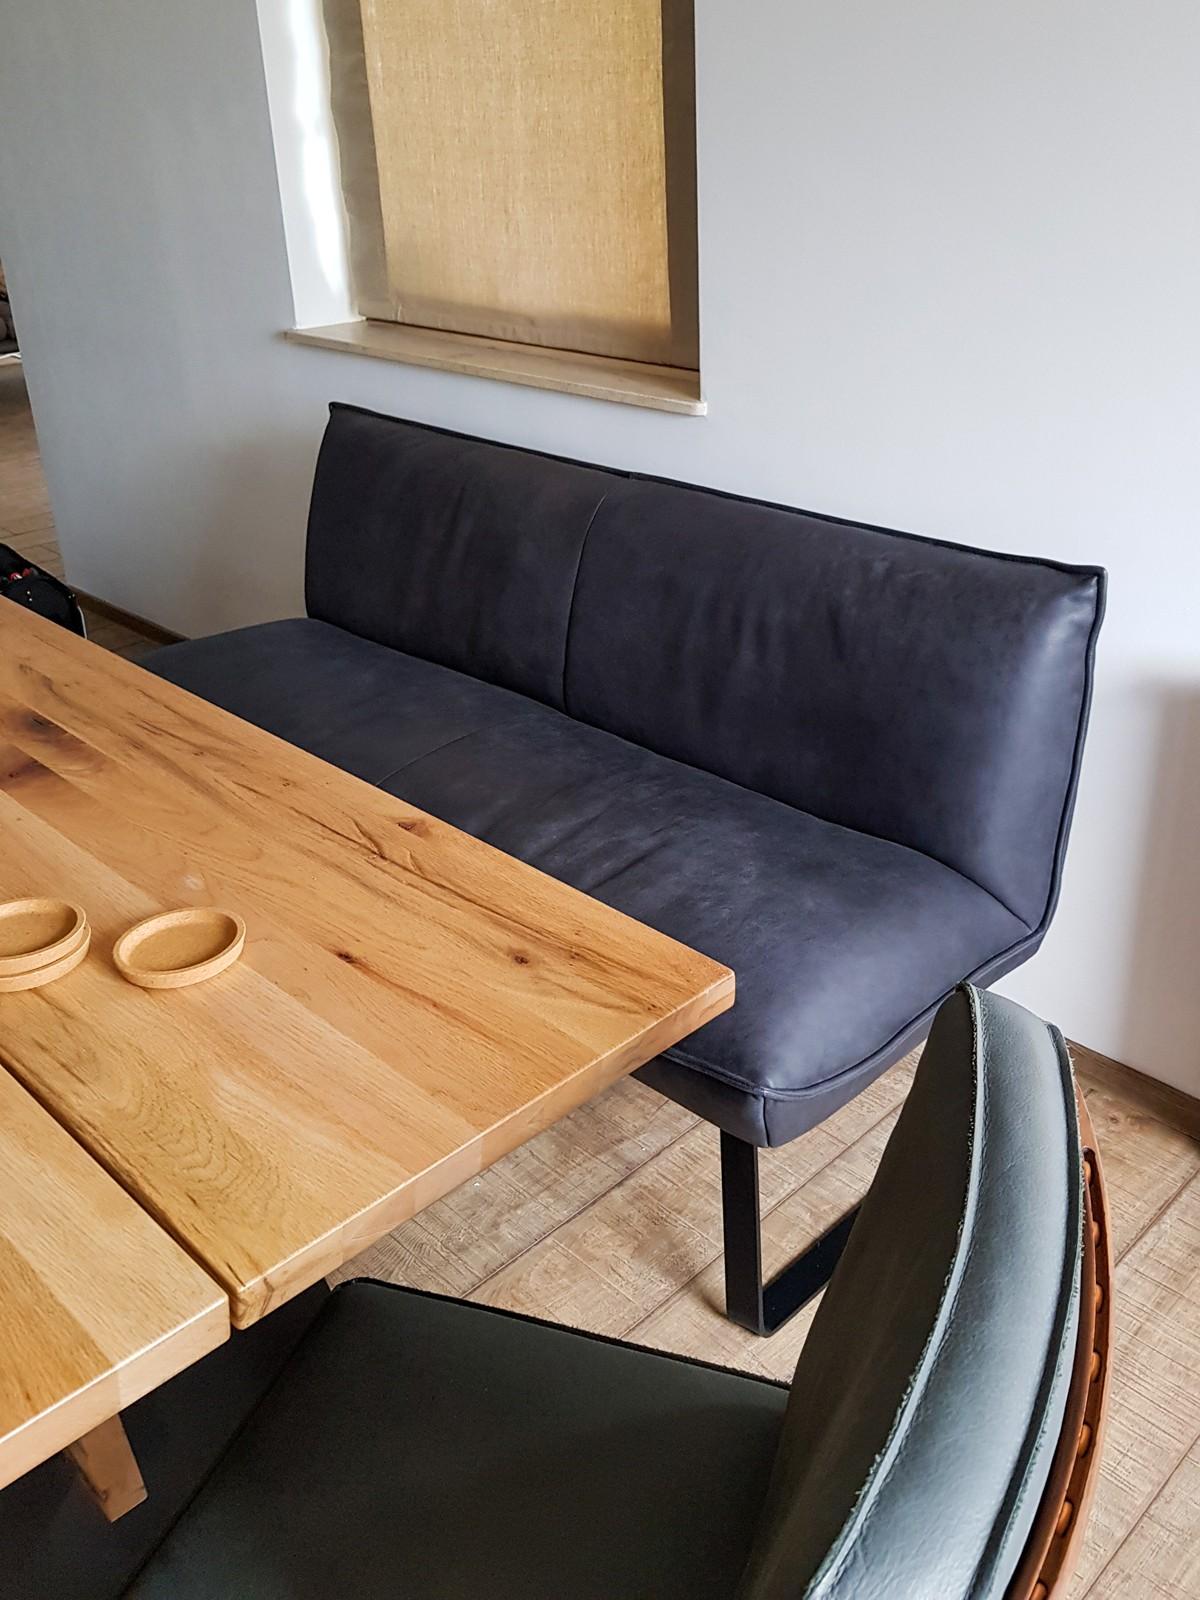 Referință - Mese și scaune moderne Koinor Tingle